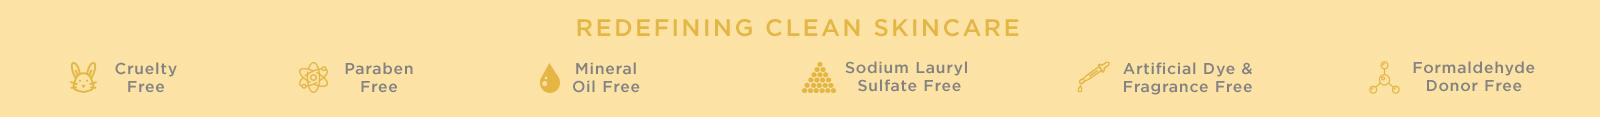 SHOP CLEAN SKIN CARE